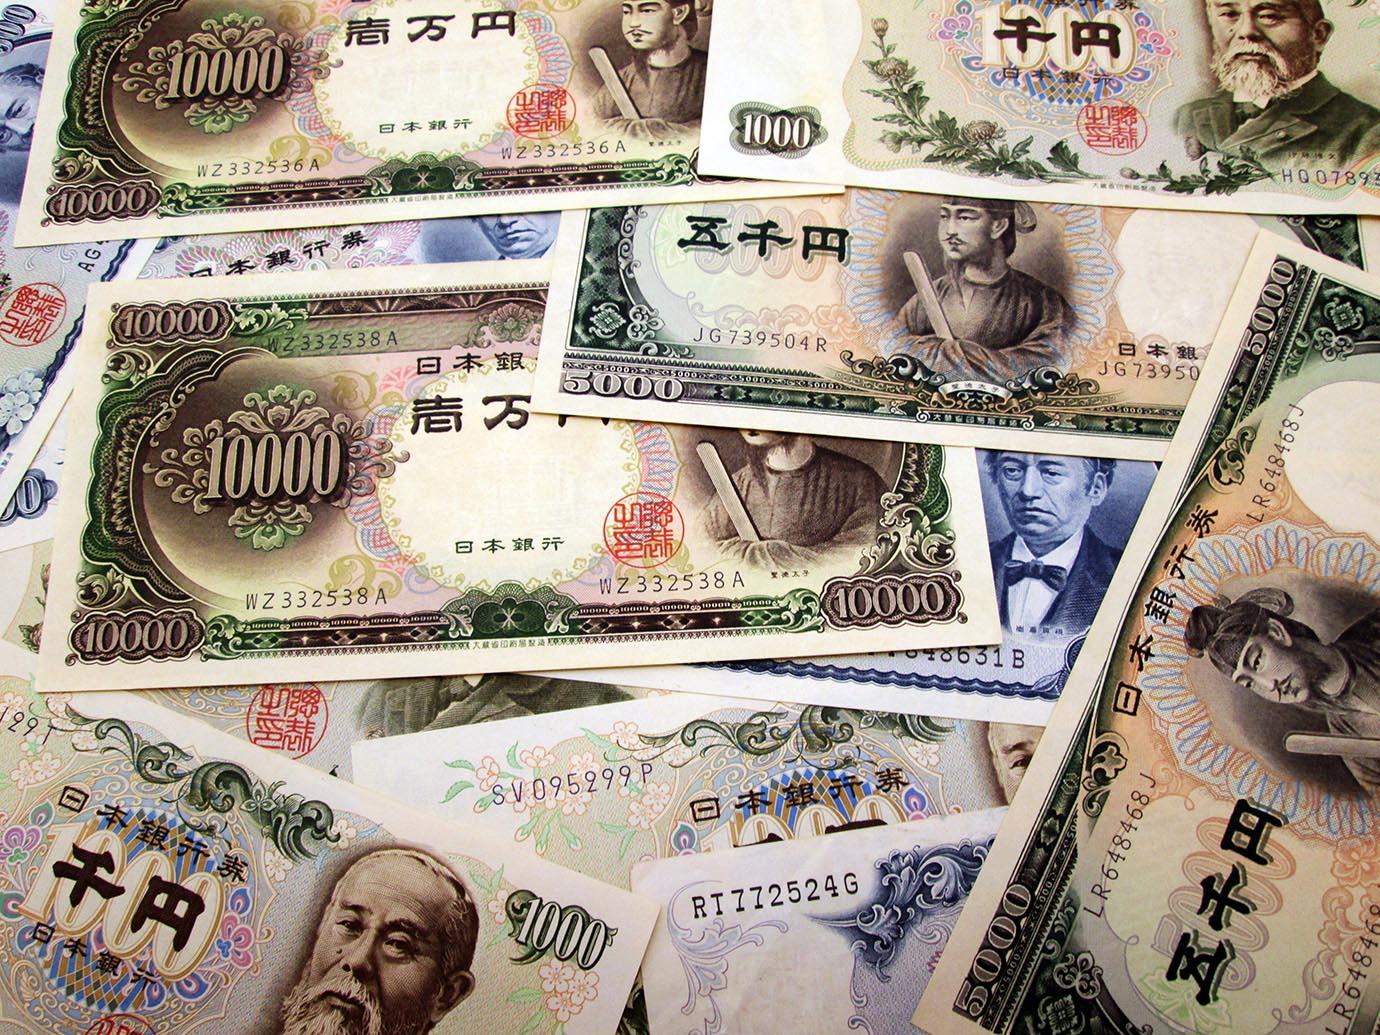 300million-yen-robbery